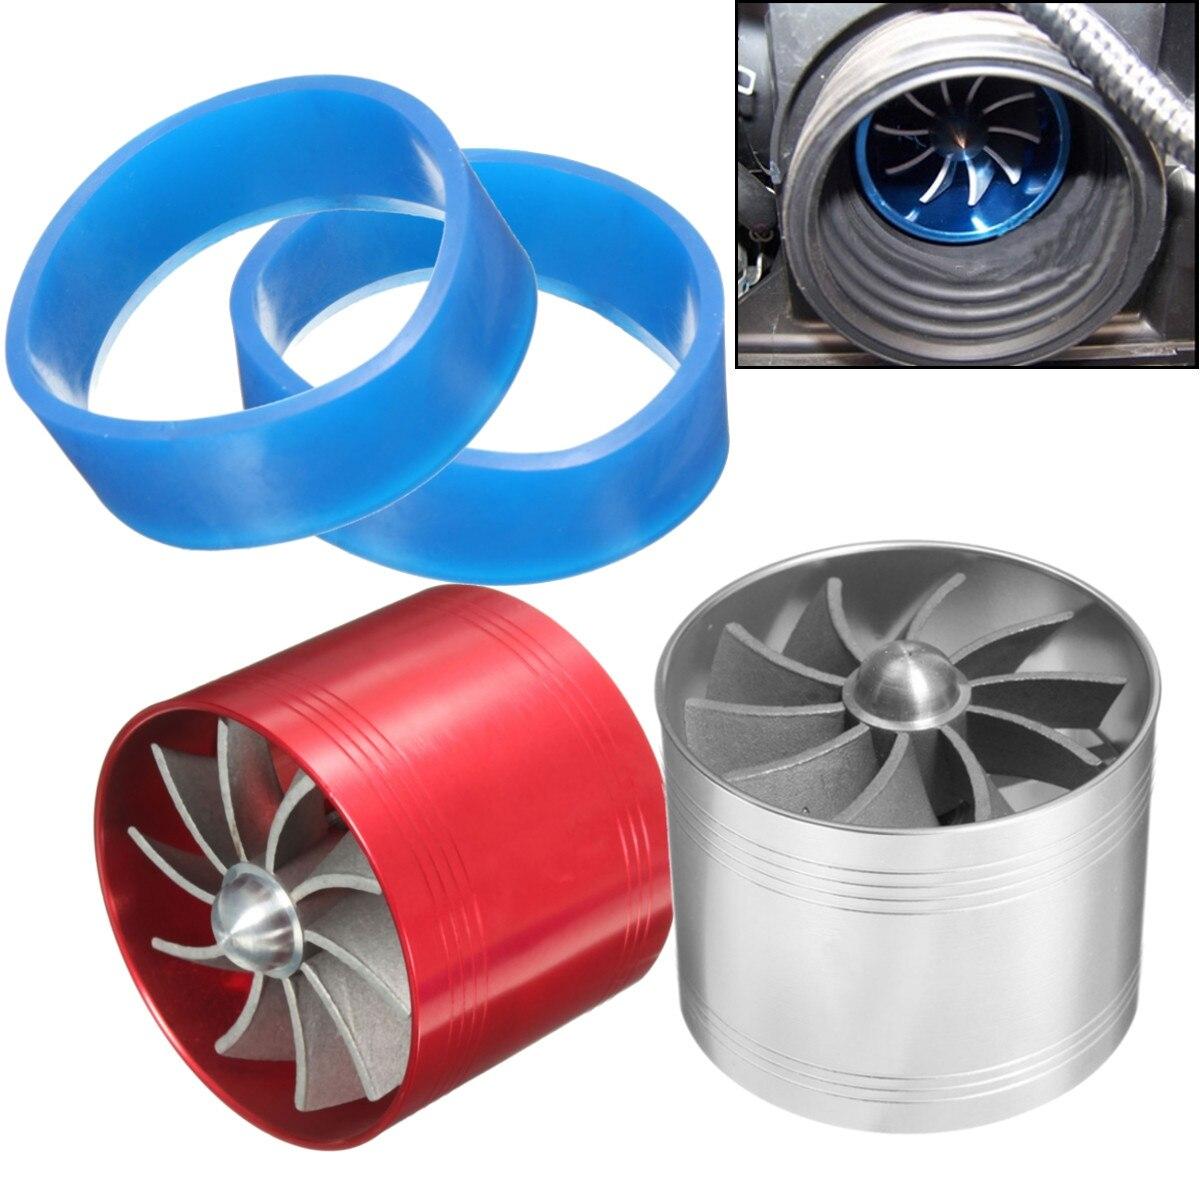 New Universal Car Fuel Gas Saver Supercharger Per La Turbina Turbo Charger Turbocharger Filtro Aria di Aspirazione del Ventilatore Risparmio carburante Aumentare